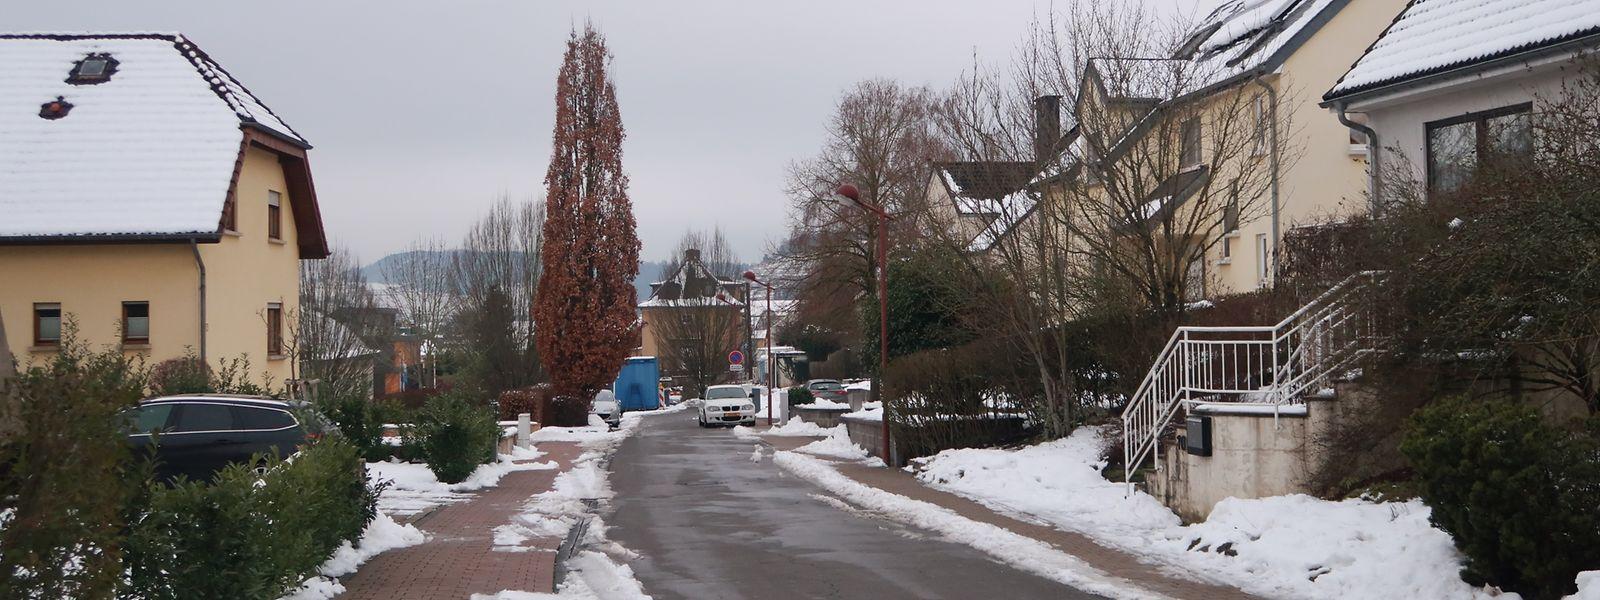 In der rue Paul Faber in Grevenmacher wurden die Beamten fündig.